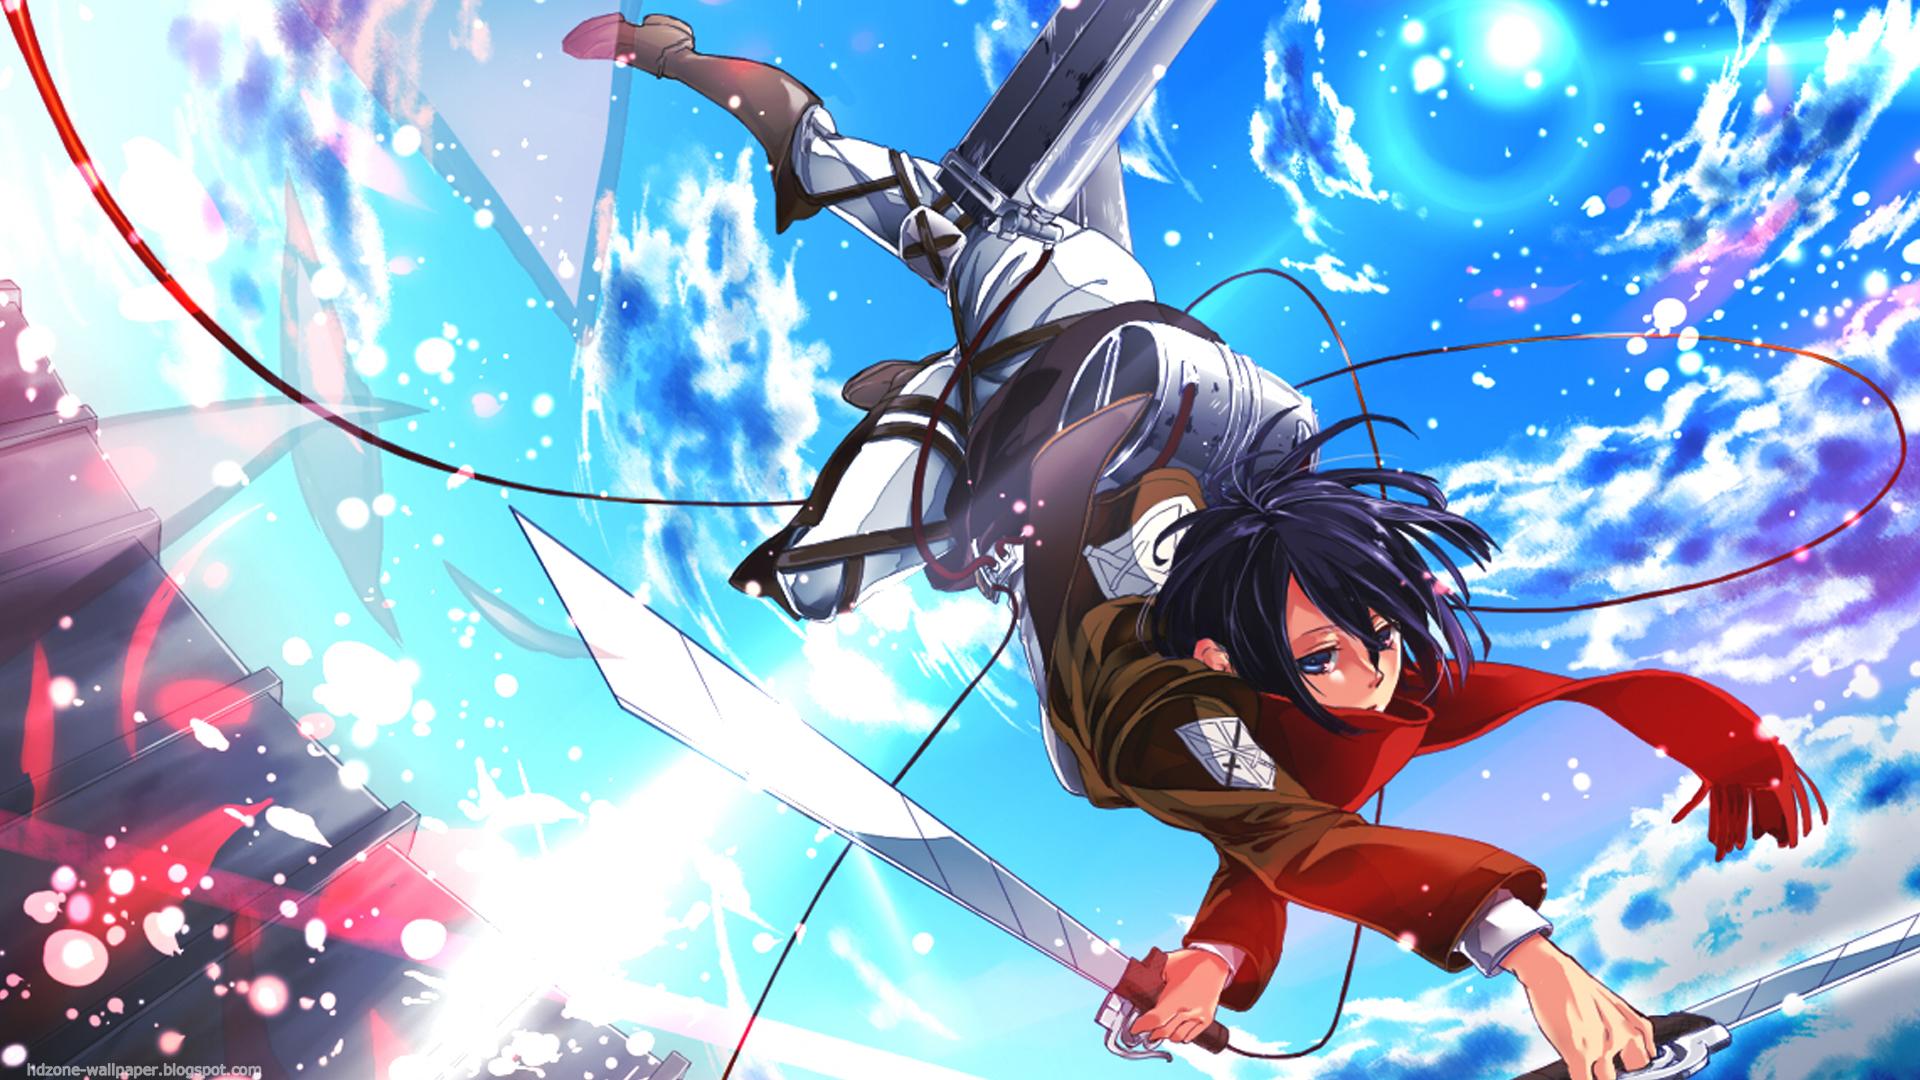 Hd zone wallpaper shingeki no kyojin page 3 - Eren and mikasa wallpaper ...